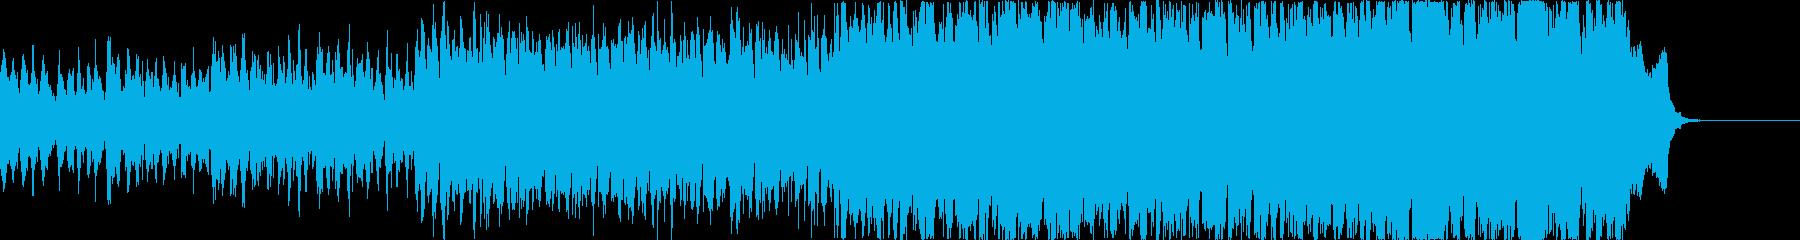 【CM・企業VP】オーケストラ+デジタルの再生済みの波形